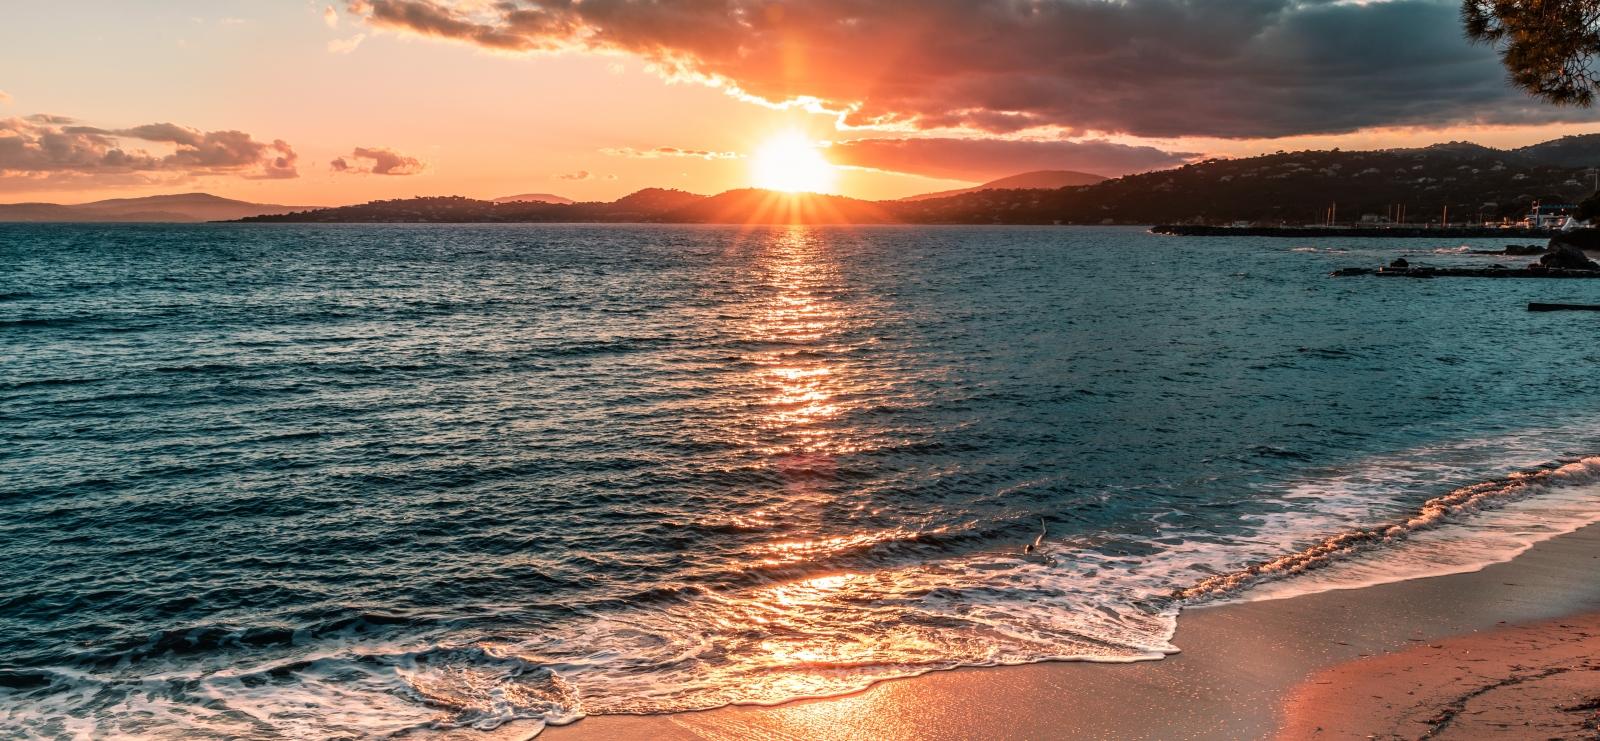 Balade marine - Coucher de soleil sur les Calanques